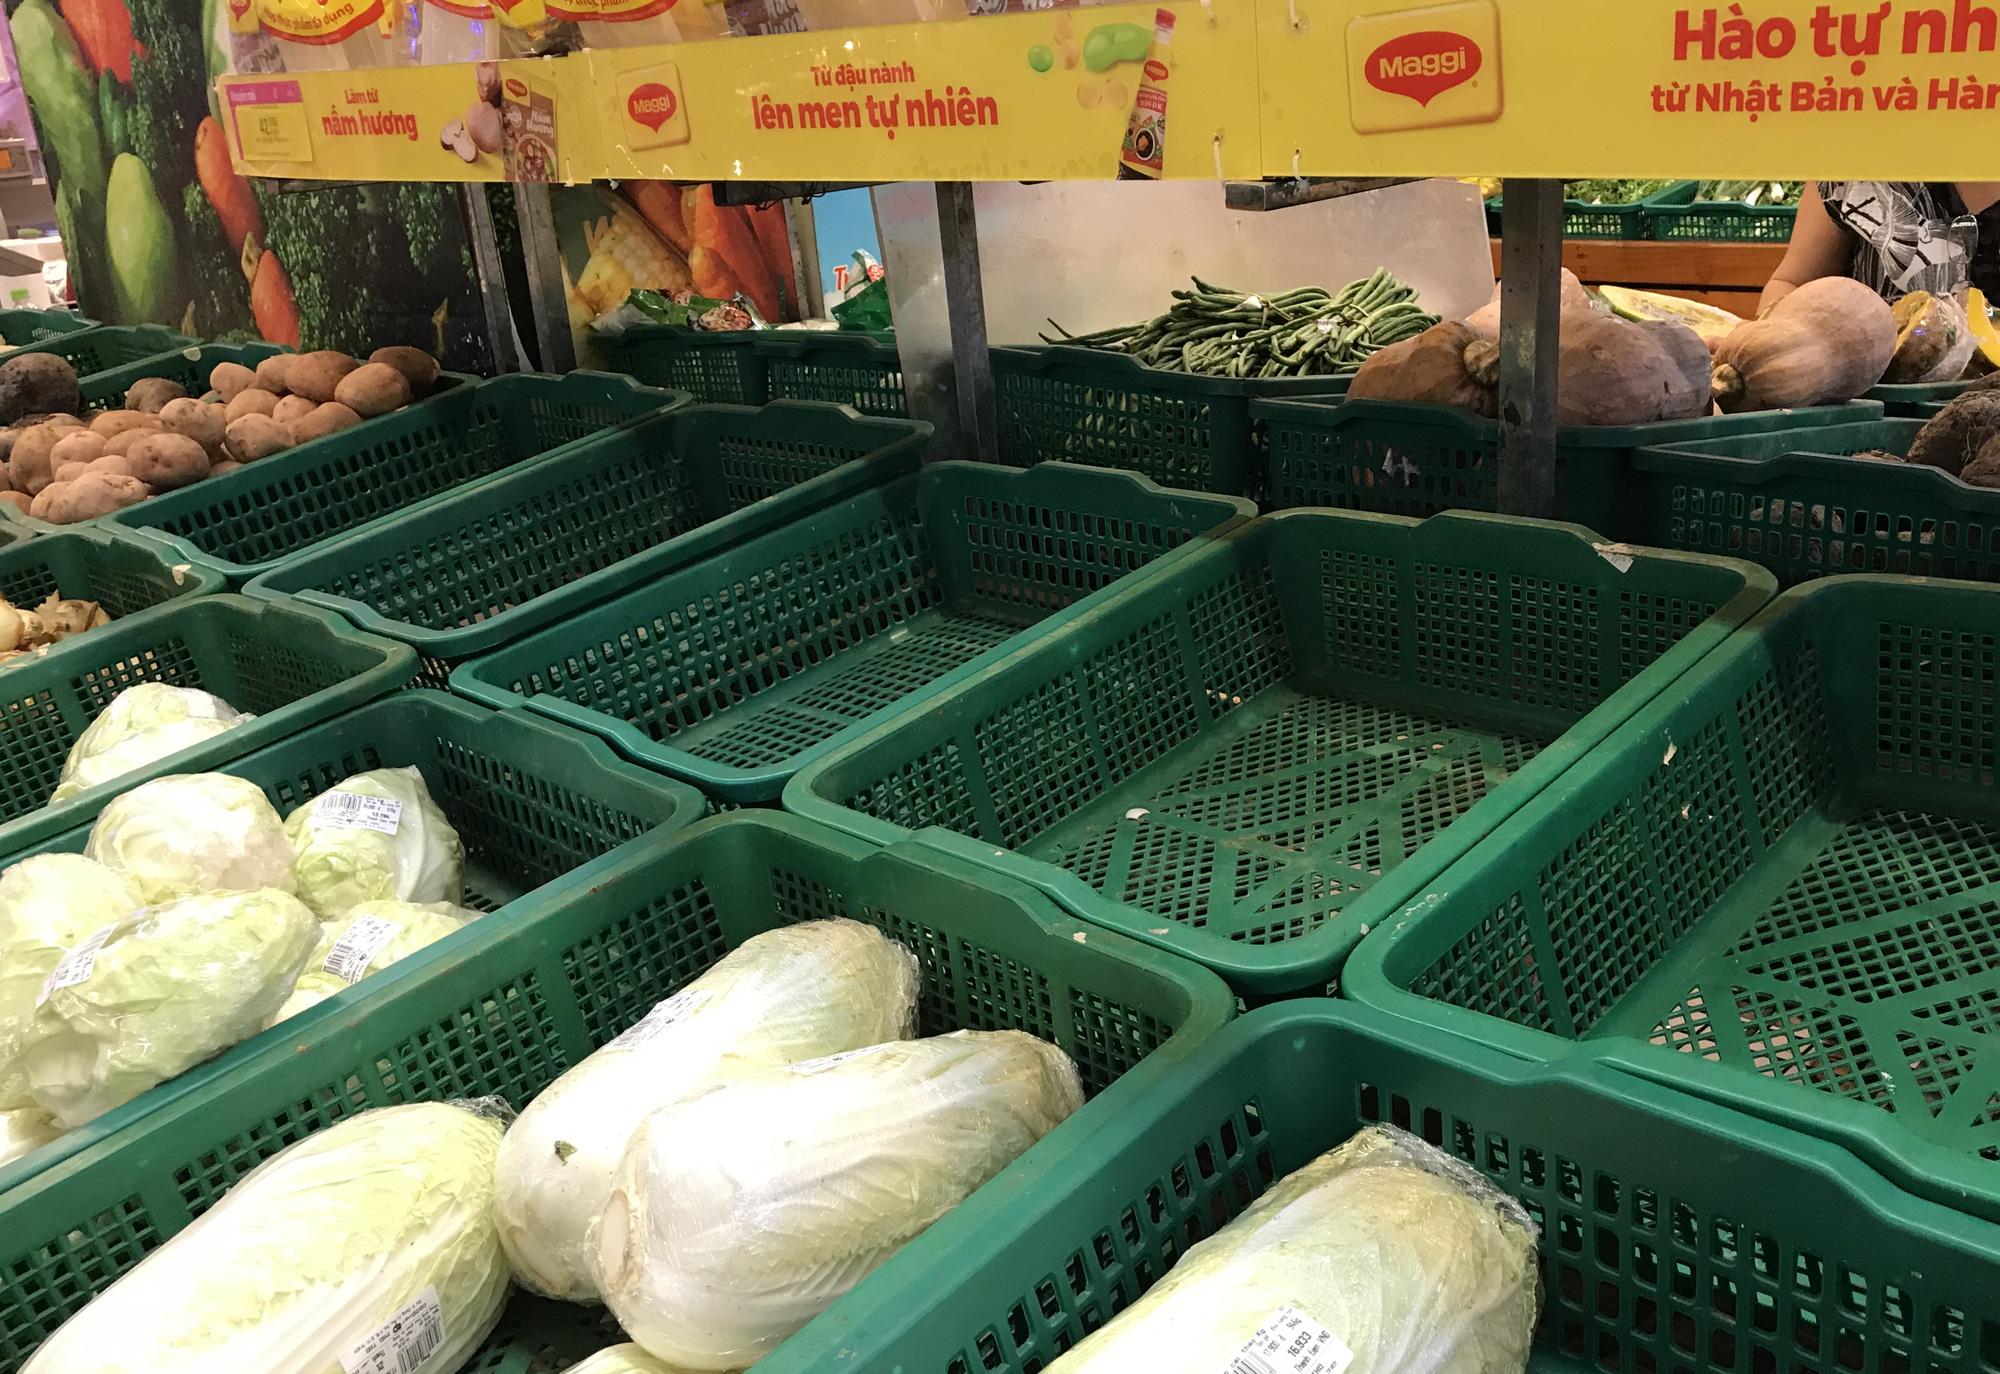 Quầy rau xanh, mì gói tại siêu thị hết từ sáng sớm vì virus corona - Ảnh 1.